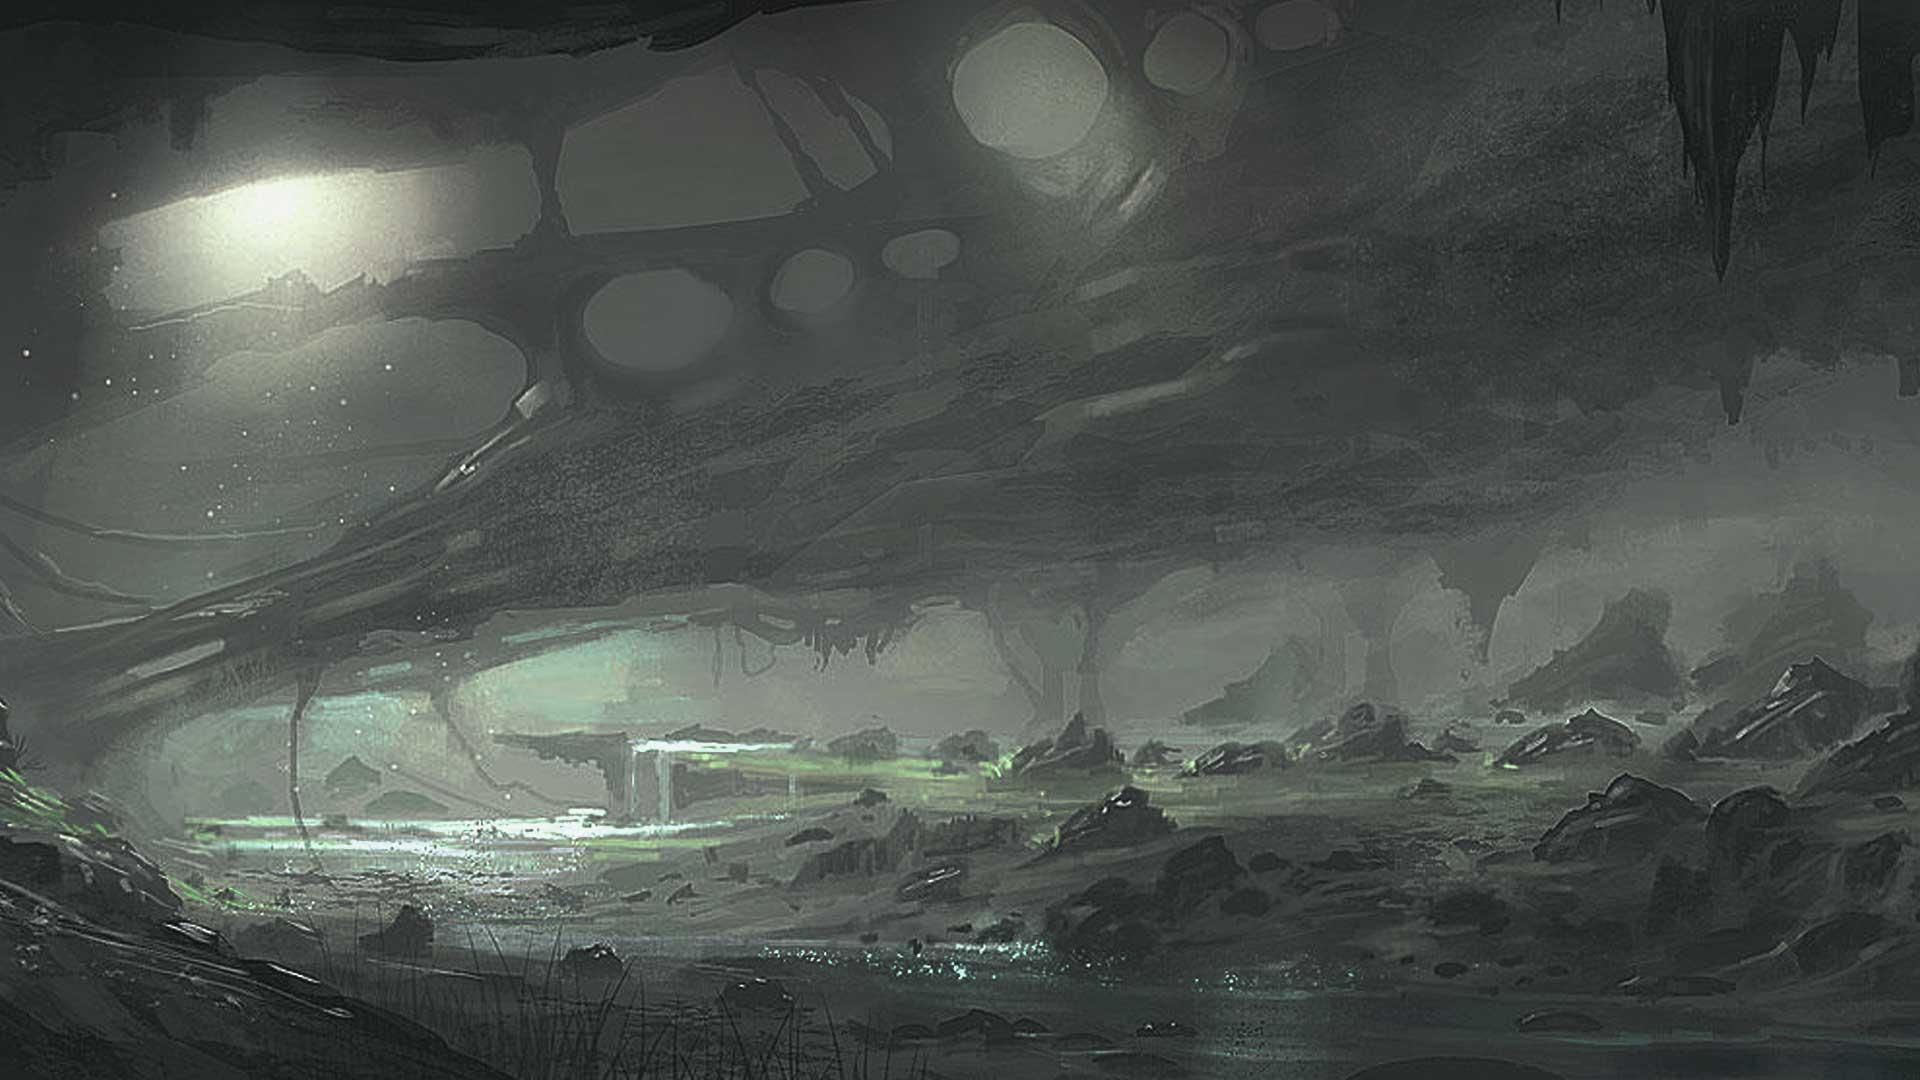 Hallan un «mundo subterráneo» masivo de una civilización desconocida en Perú